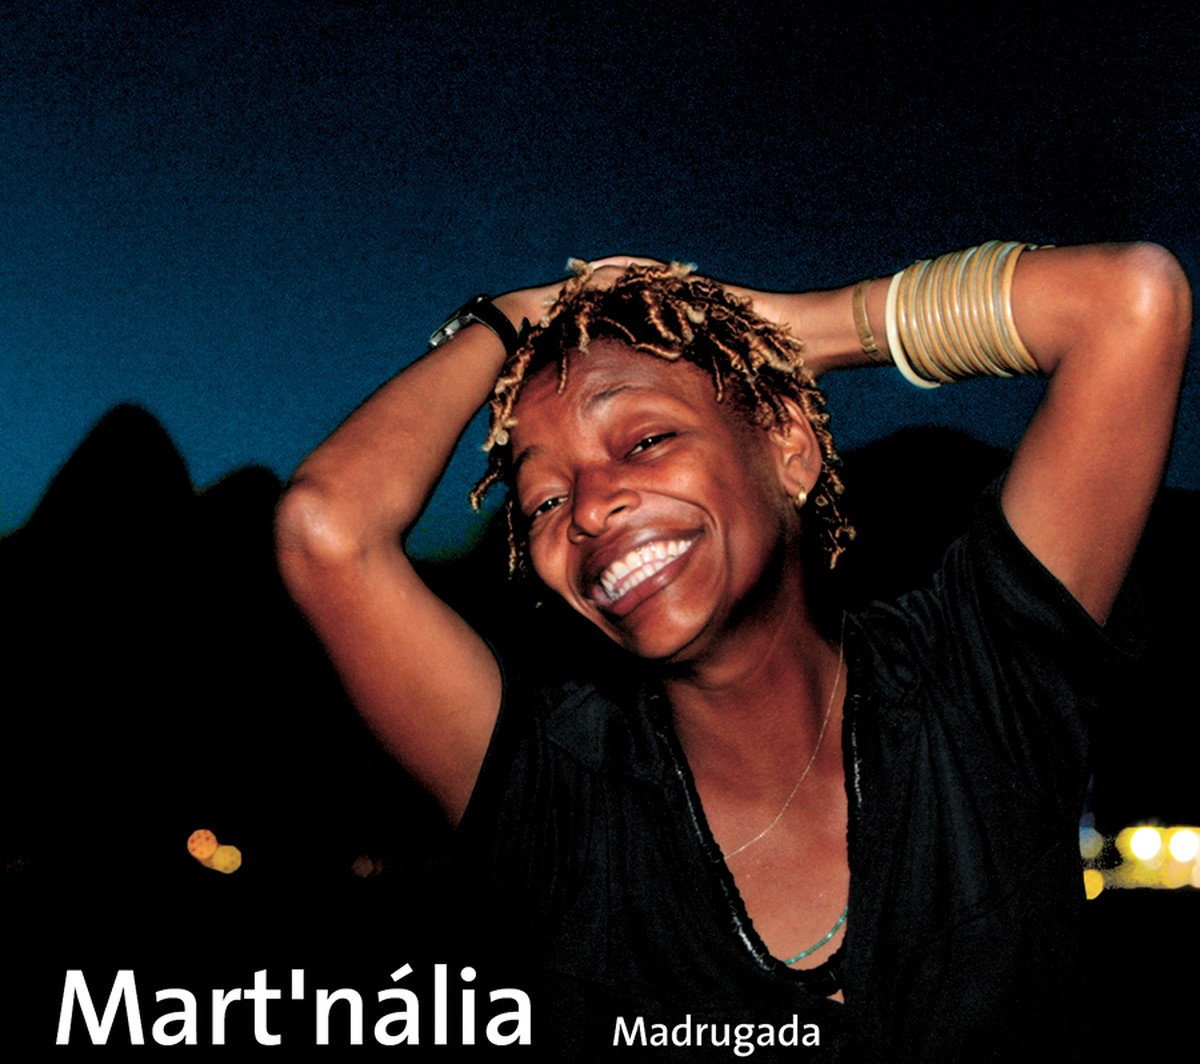 Discos para descobrir em casa – 'Madrugada', Mart'nália, 2008 | Blog do Mauro Ferreira